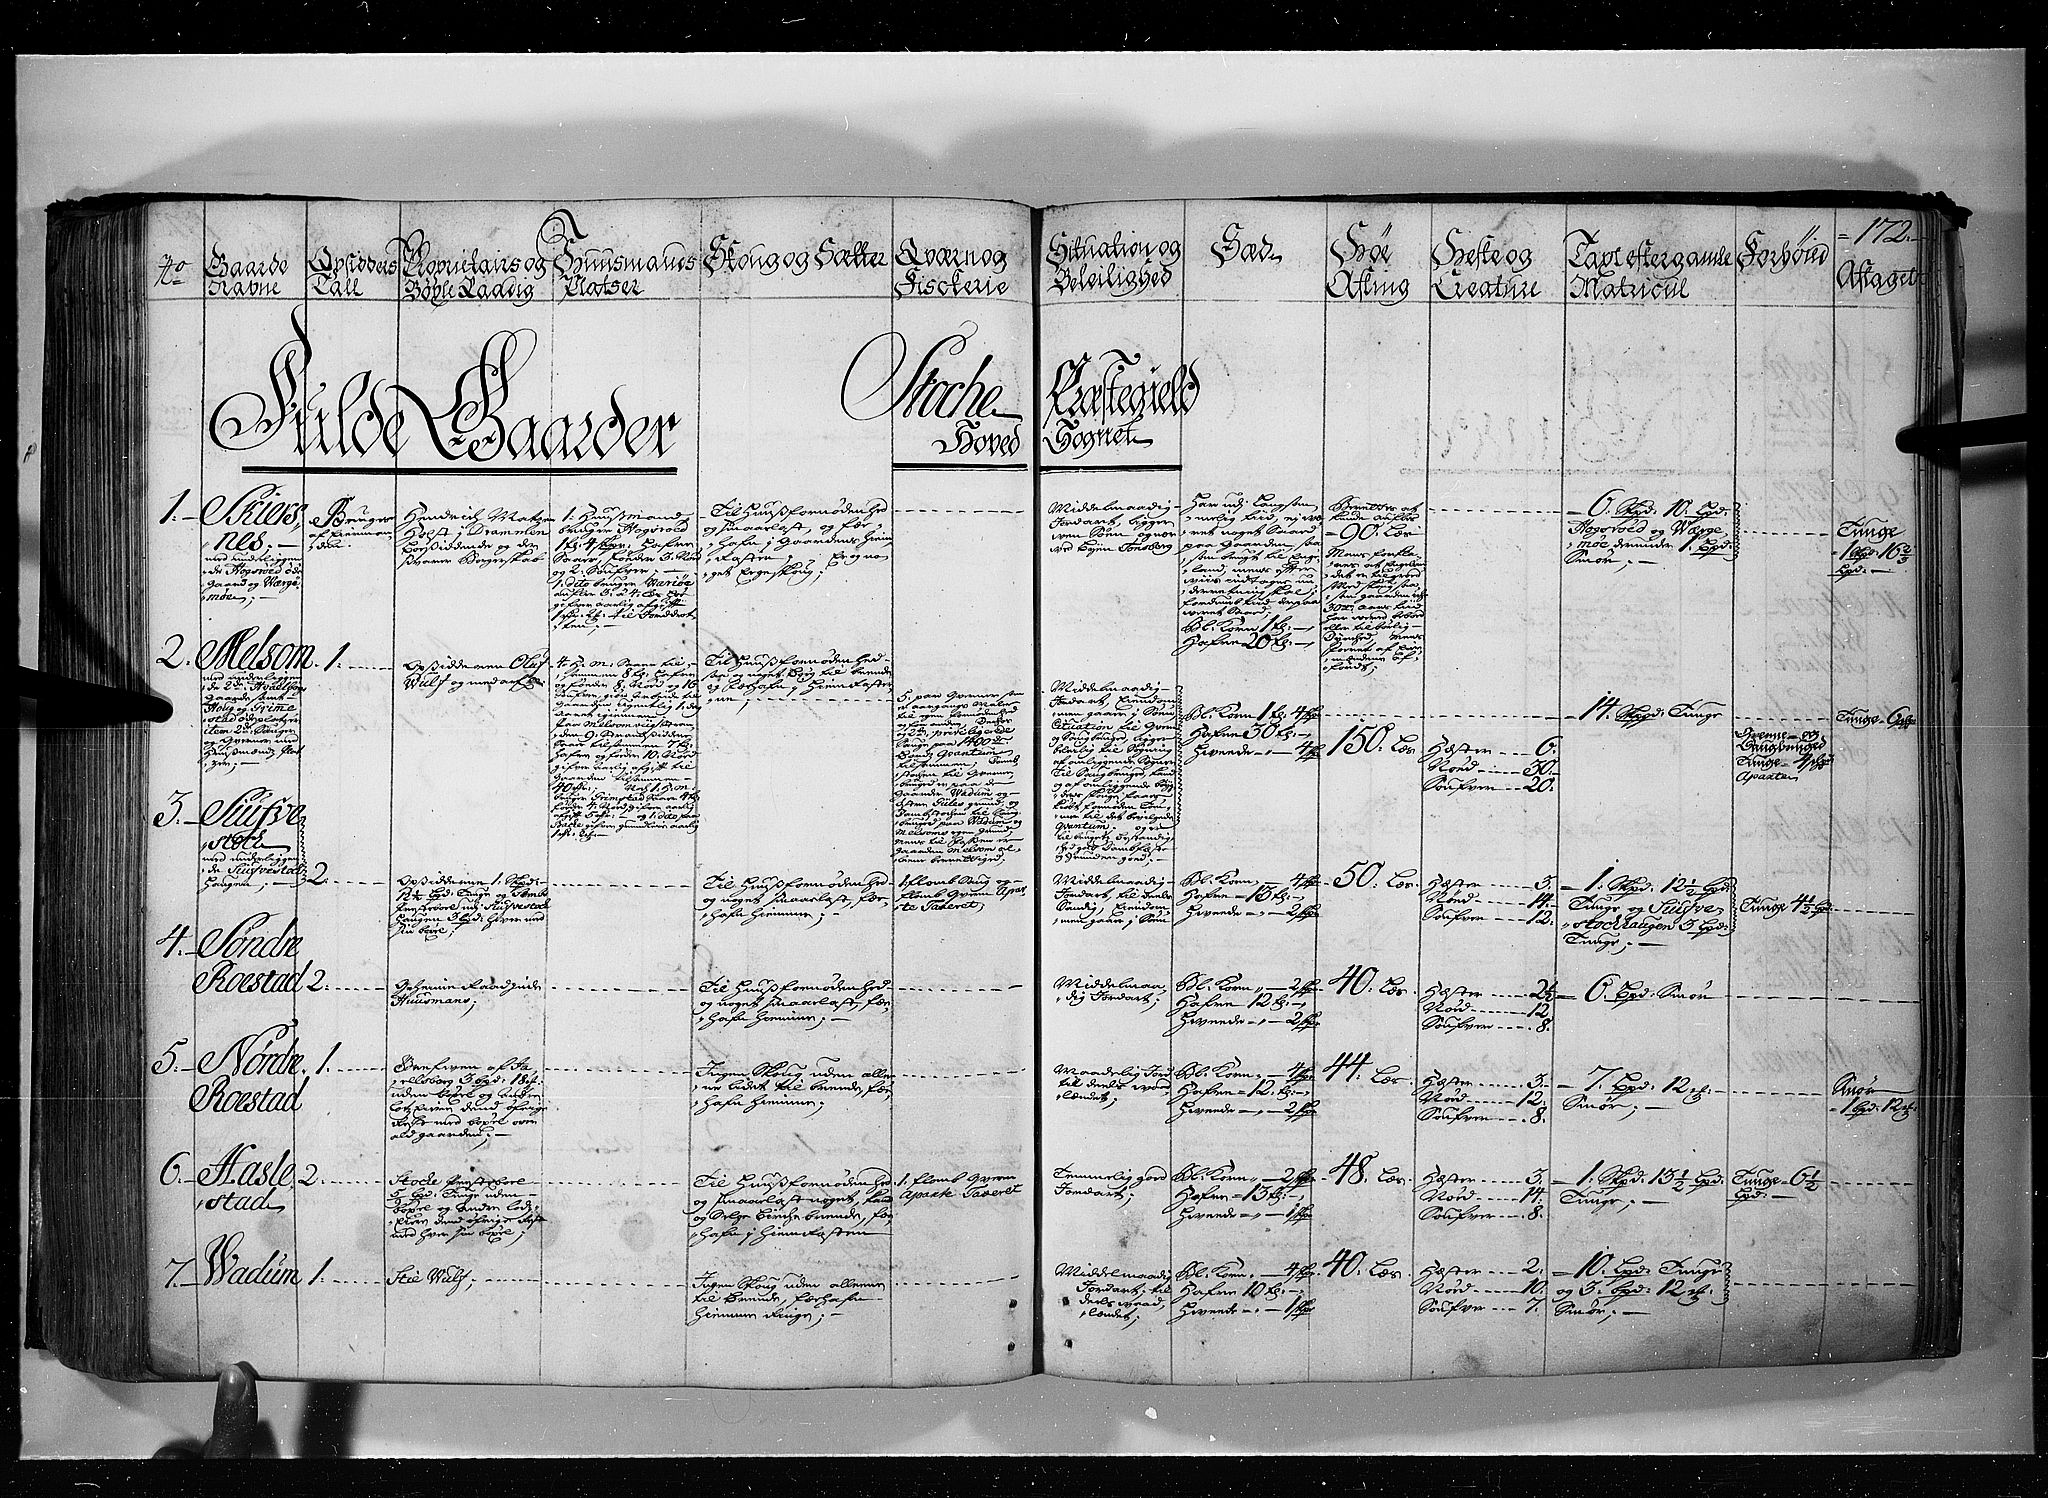 RA, Rentekammeret inntil 1814, Realistisk ordnet avdeling, N/Nb/Nbf/L0115: Jarlsberg grevskap eksaminasjonsprotokoll, 1723, s. 171b-172a